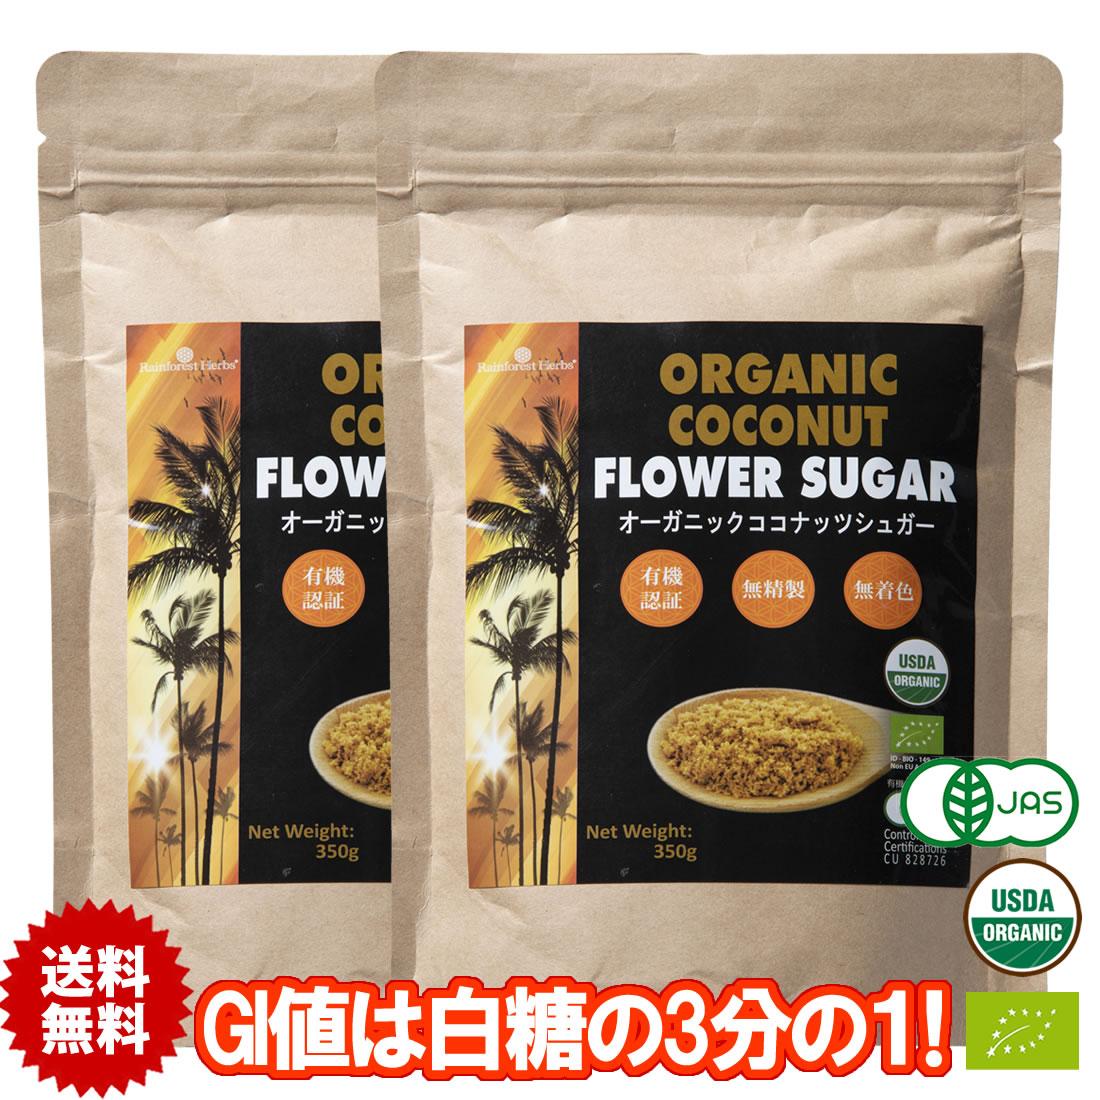 有機JASオーガニック ココナッツシュガー低GI食品 350g 2個セット糖質は白砂糖の3分の1!(Organic coconut sugar) メール便送料無料